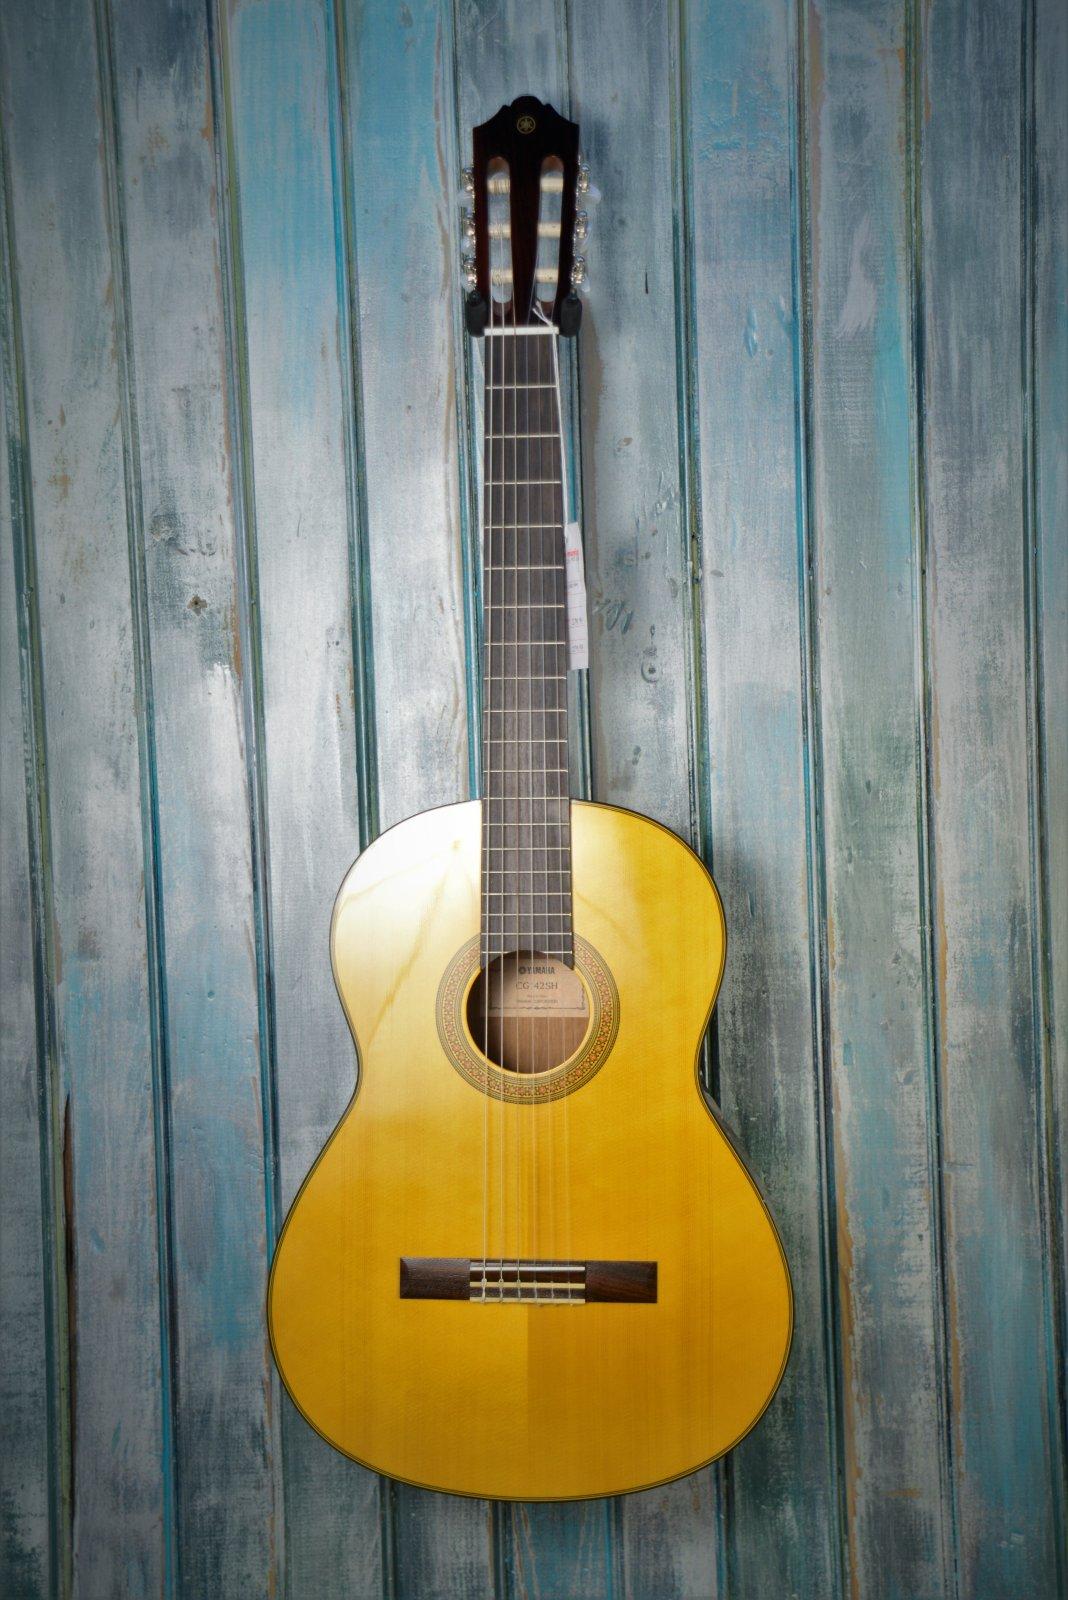 Yamaha cgs10311 3/4 Spruce Top Classical Guitar